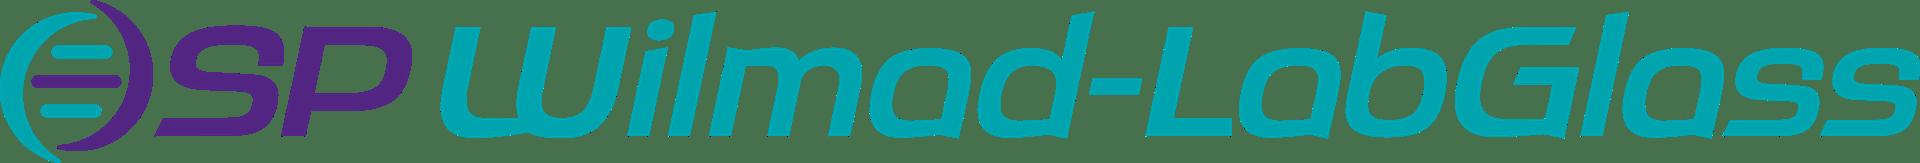 Wilmad Needle Valve;PV-ANV